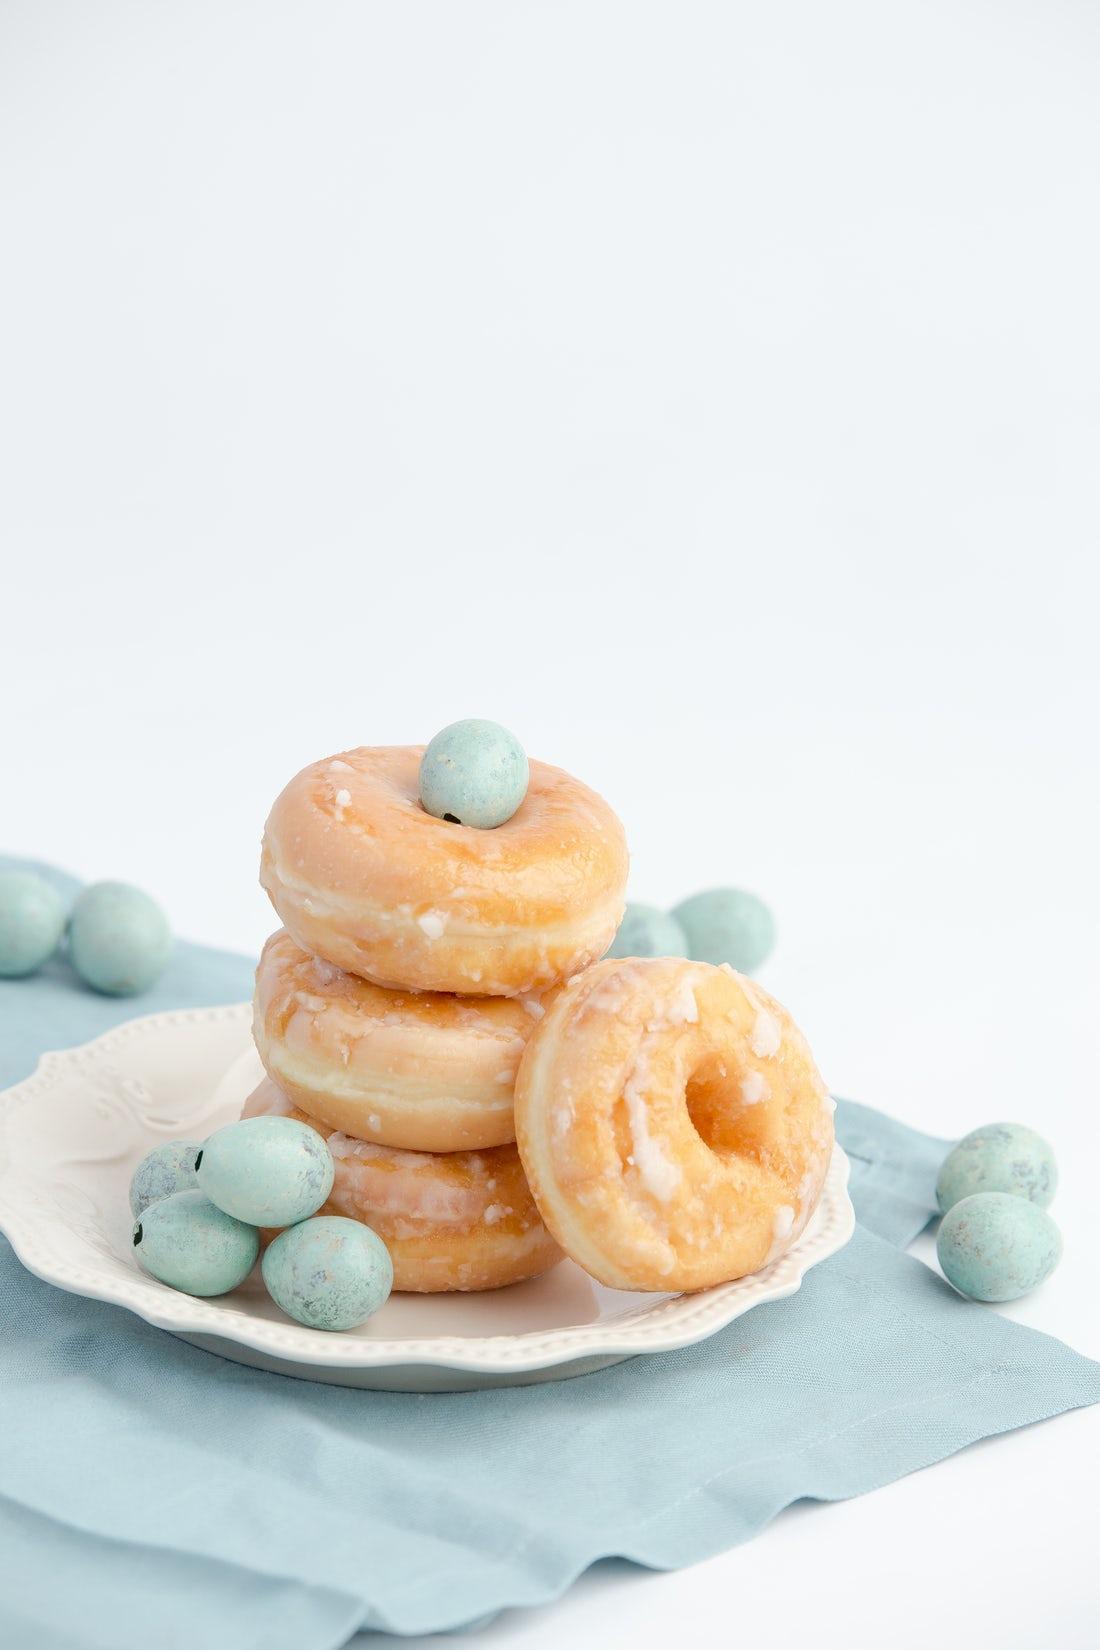 RocknRolla Donuts